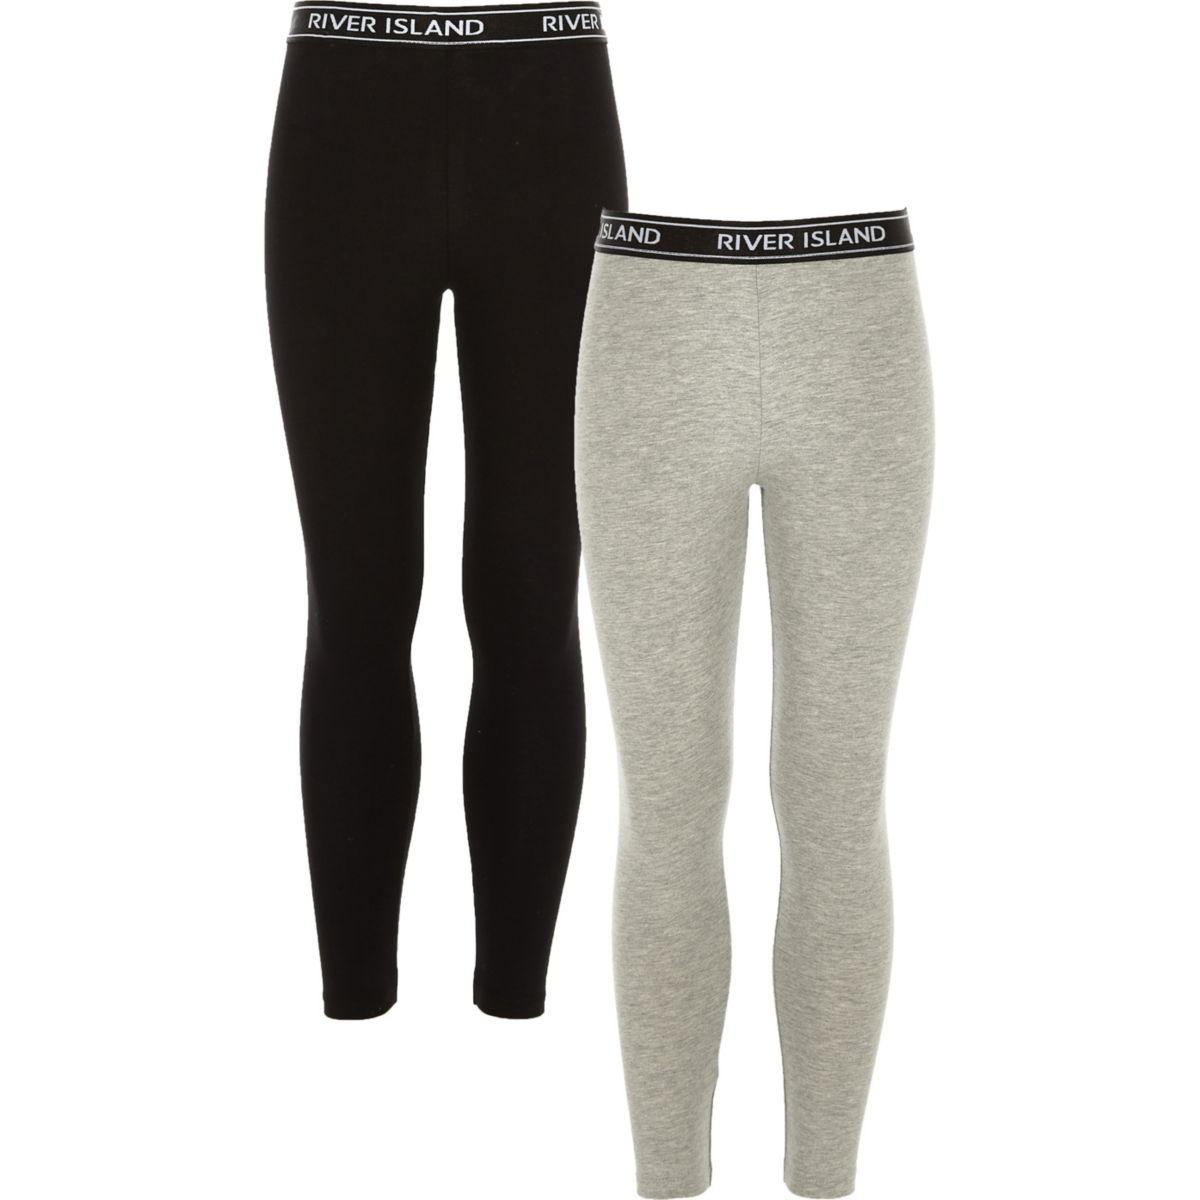 RI – Lot de leggings gris et noir pour fille